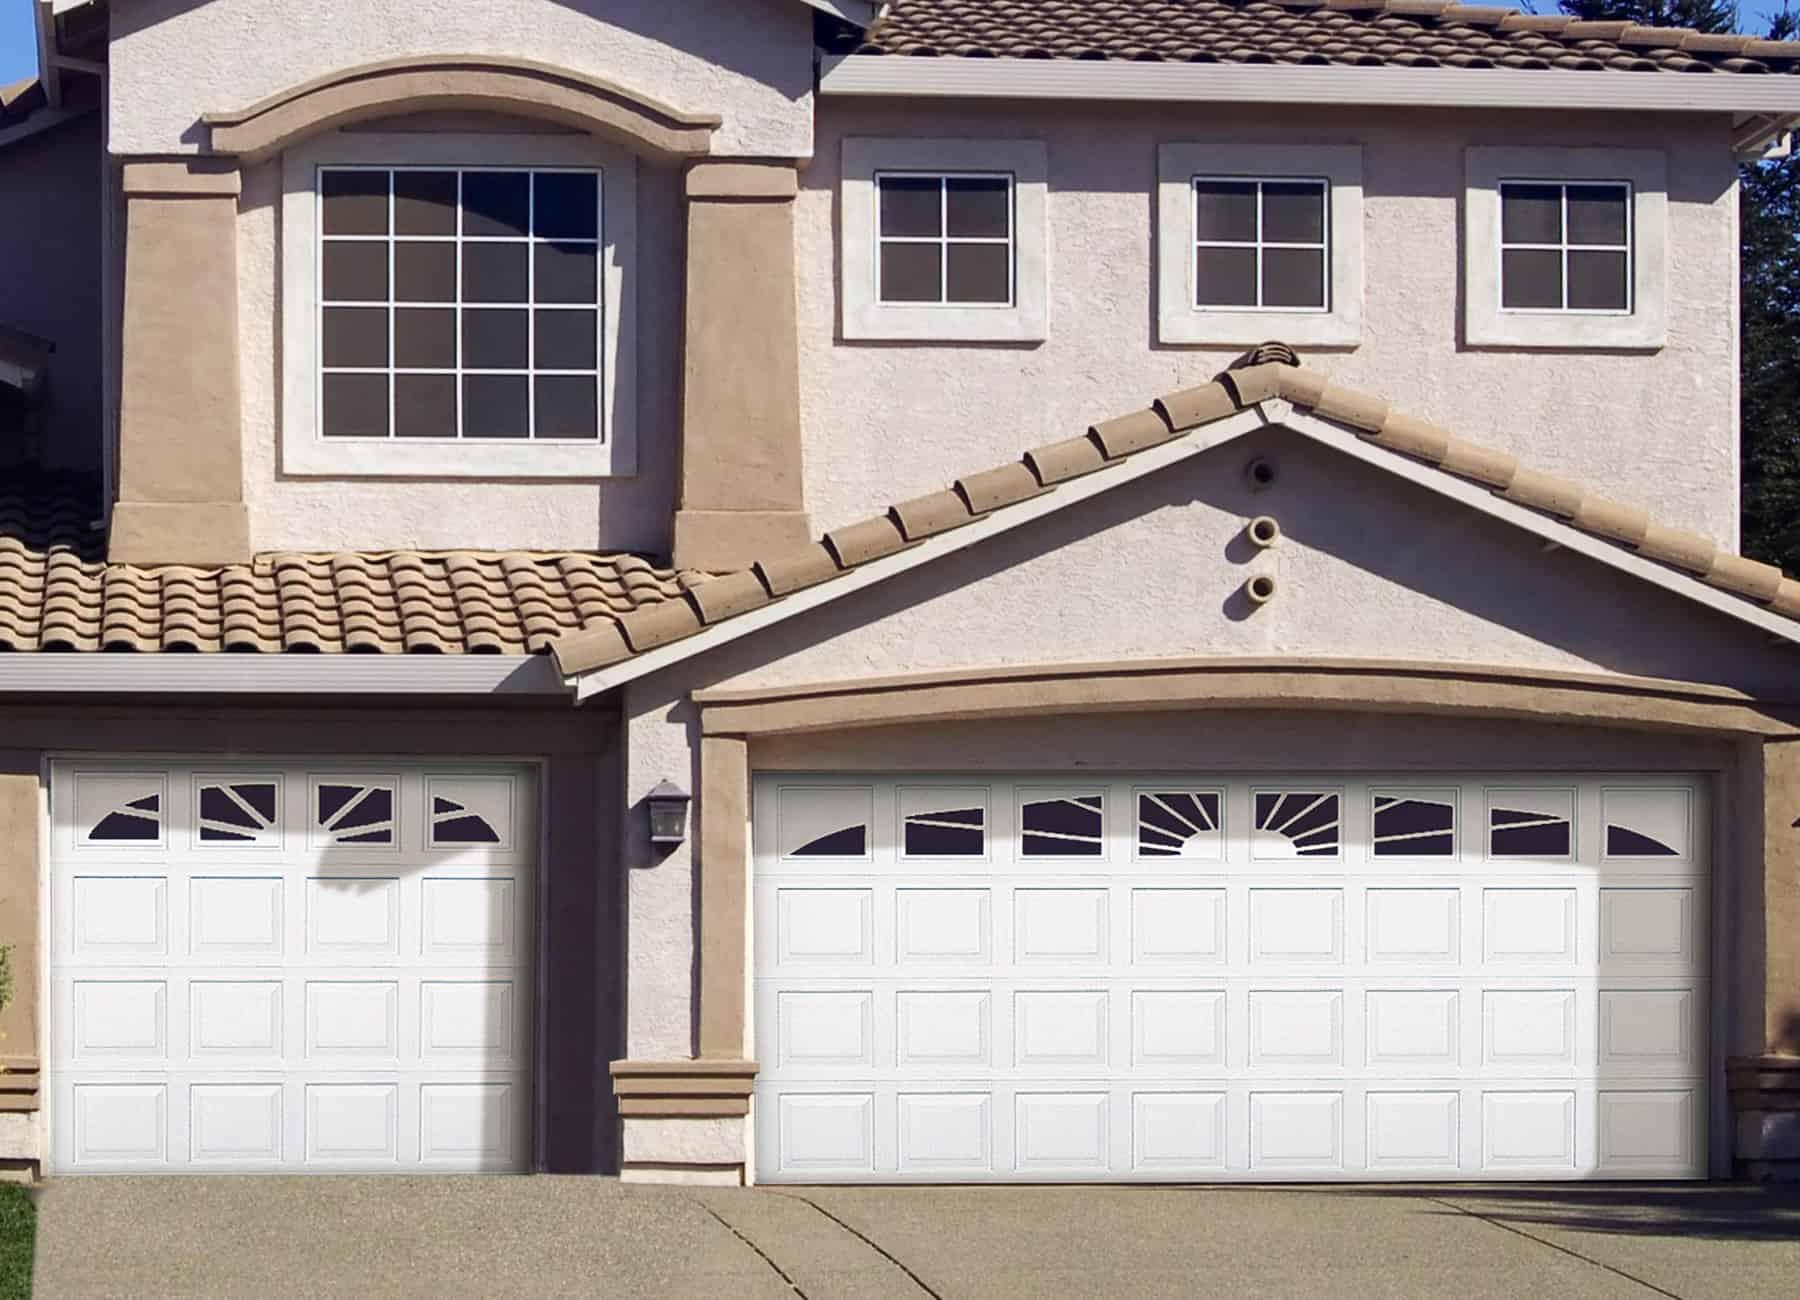 , Durafirm Collection® Garage Doors, Overhead Door Company of Battle Creek Jackson and Ann Arbor